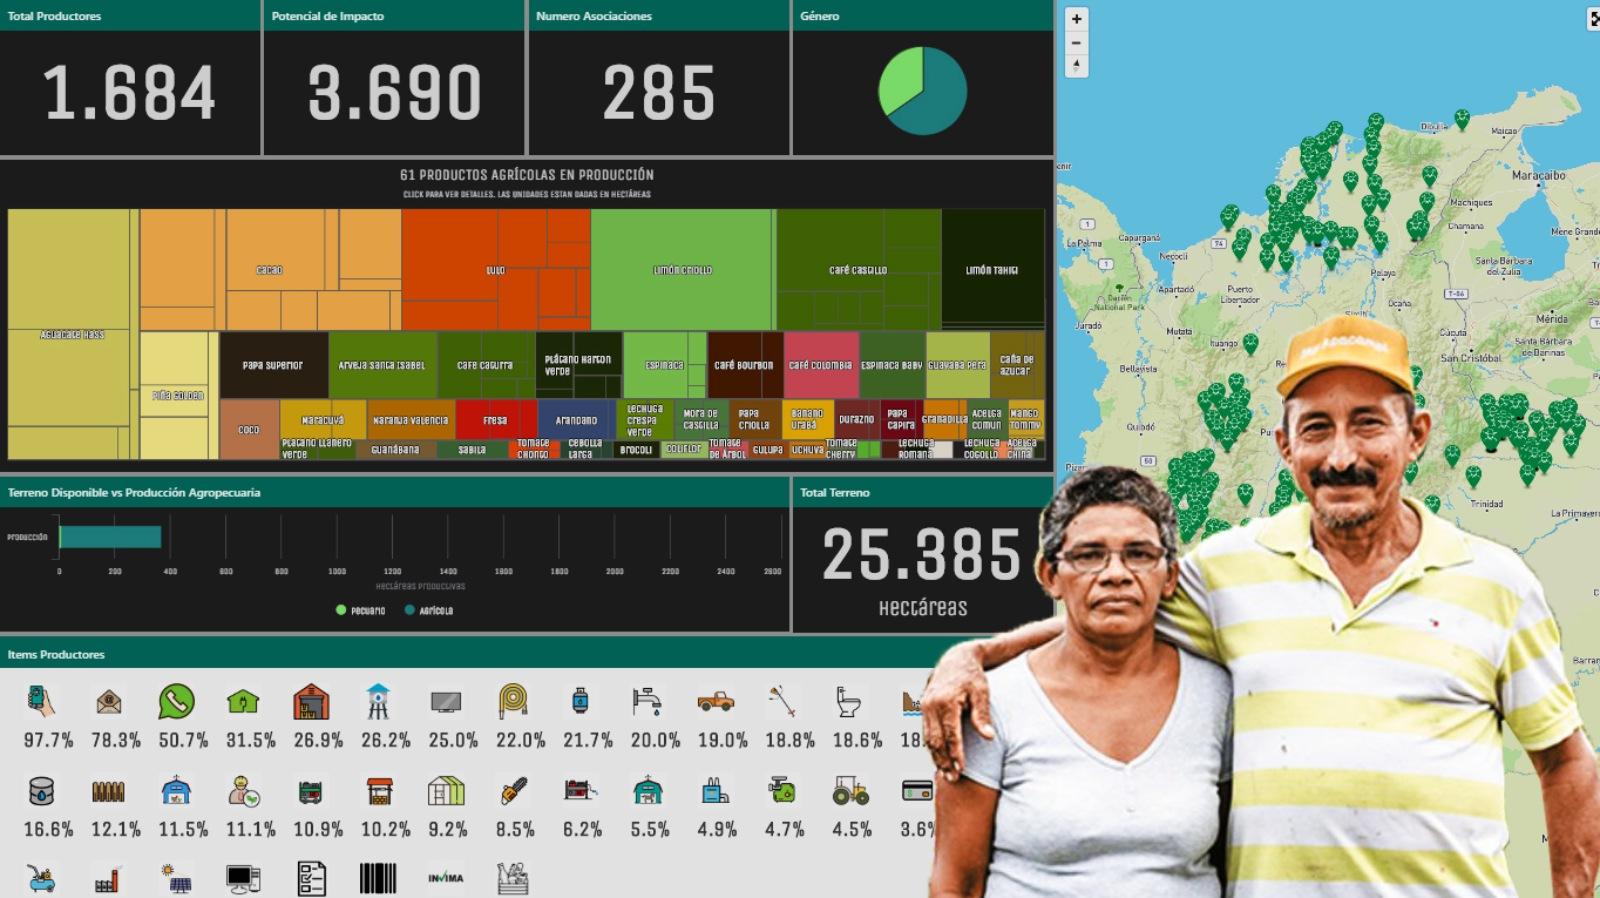 El 'big data' del sector agropecuario